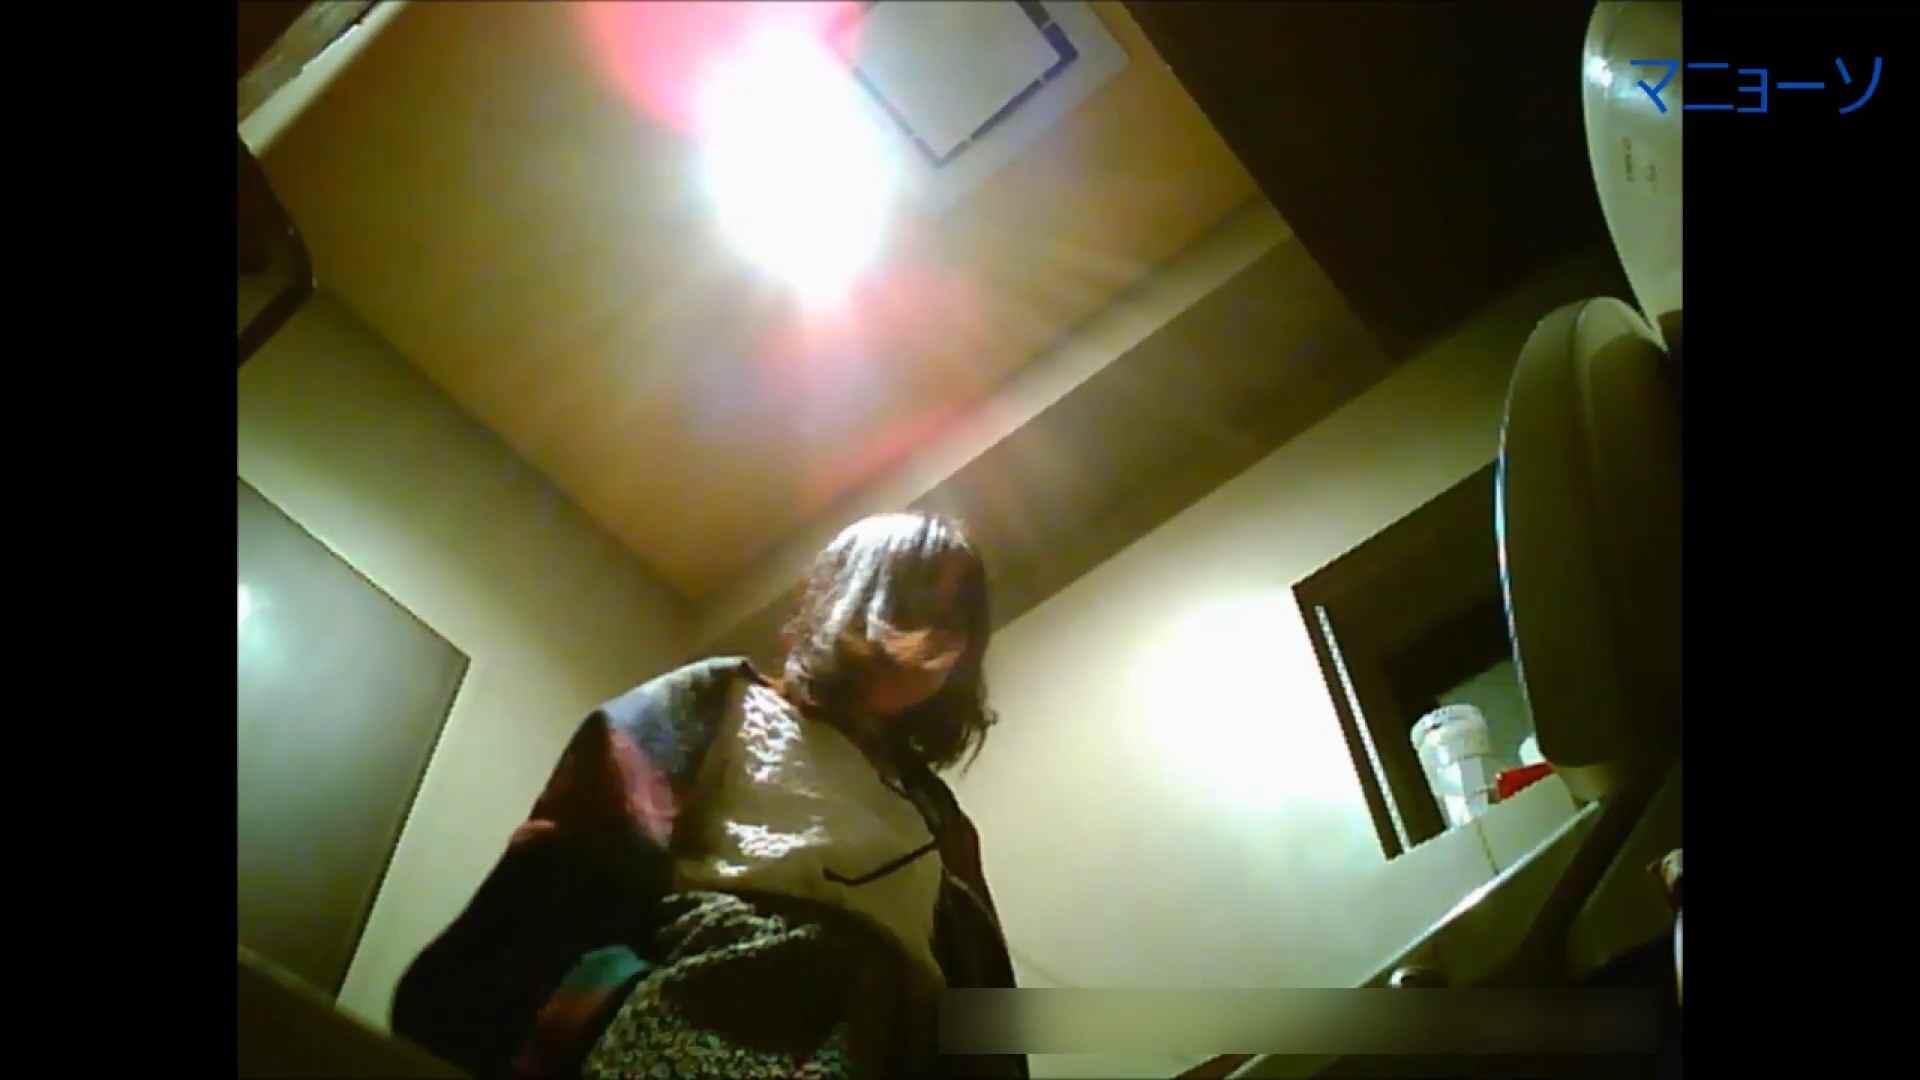 トイレでひと肌脱いでもらいました (JD編)Vol.01 OL  93pic 38